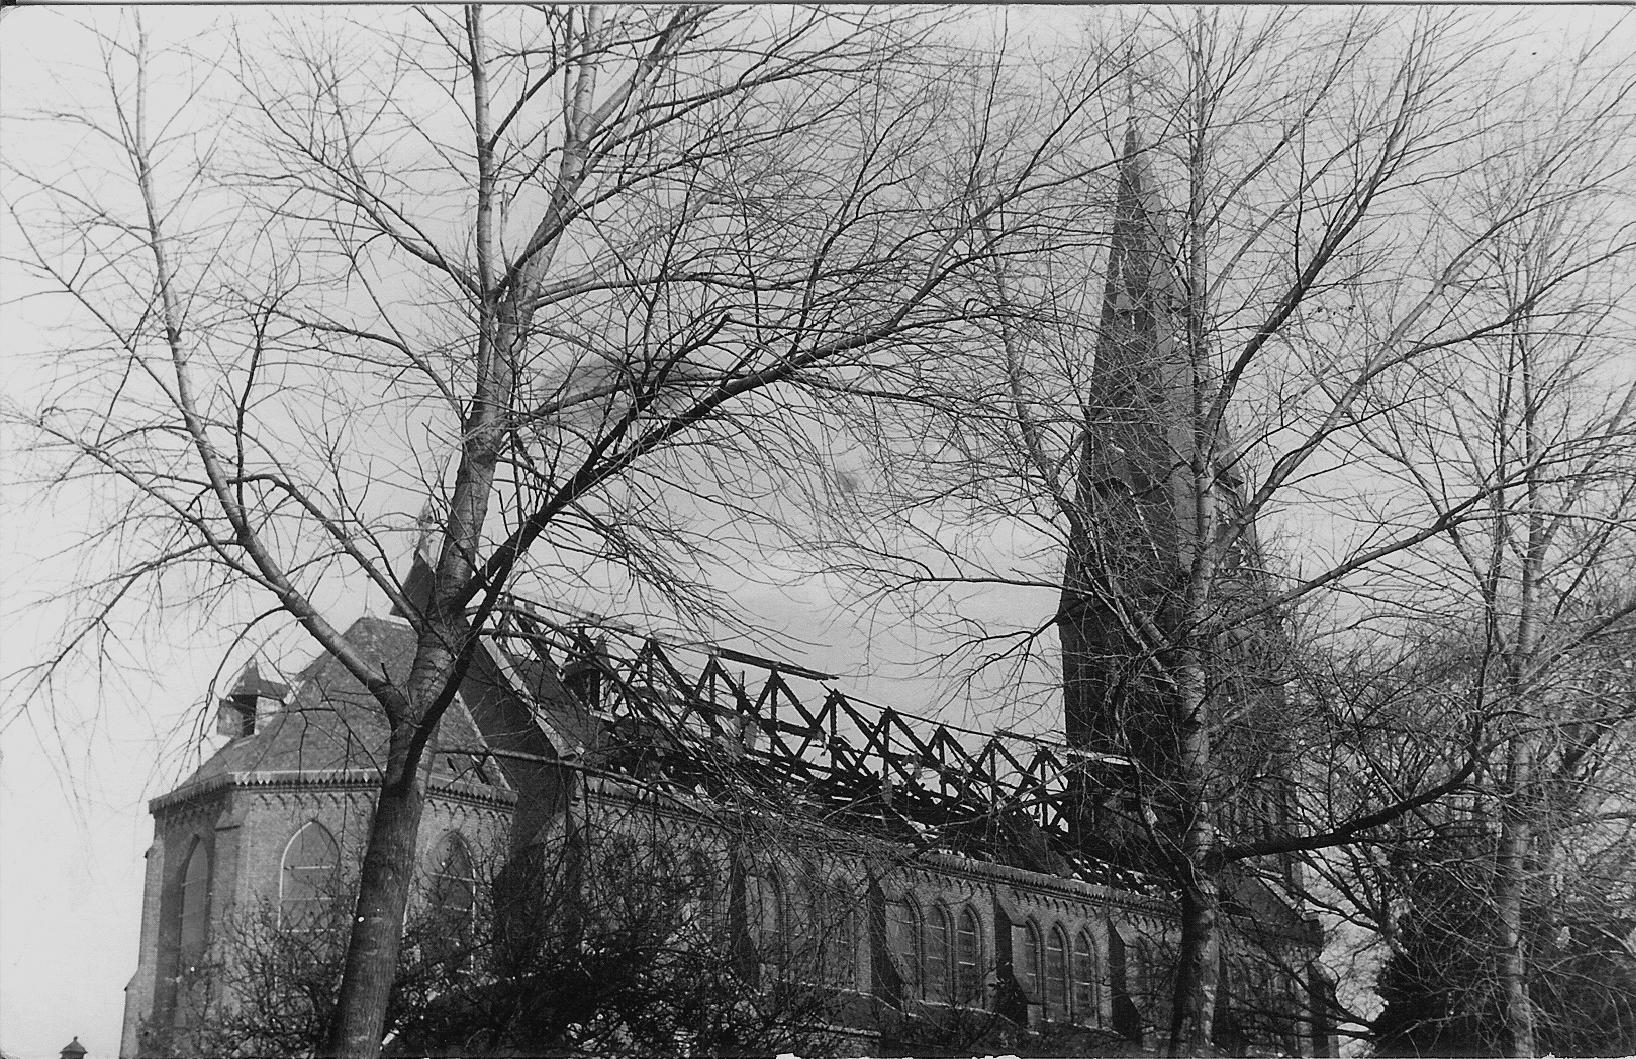 De grote brand van de St. Lambertuskerk in 1963 is te lezen in het zesde boekje van Historisch De Weere. (Foto: aangeleverd)